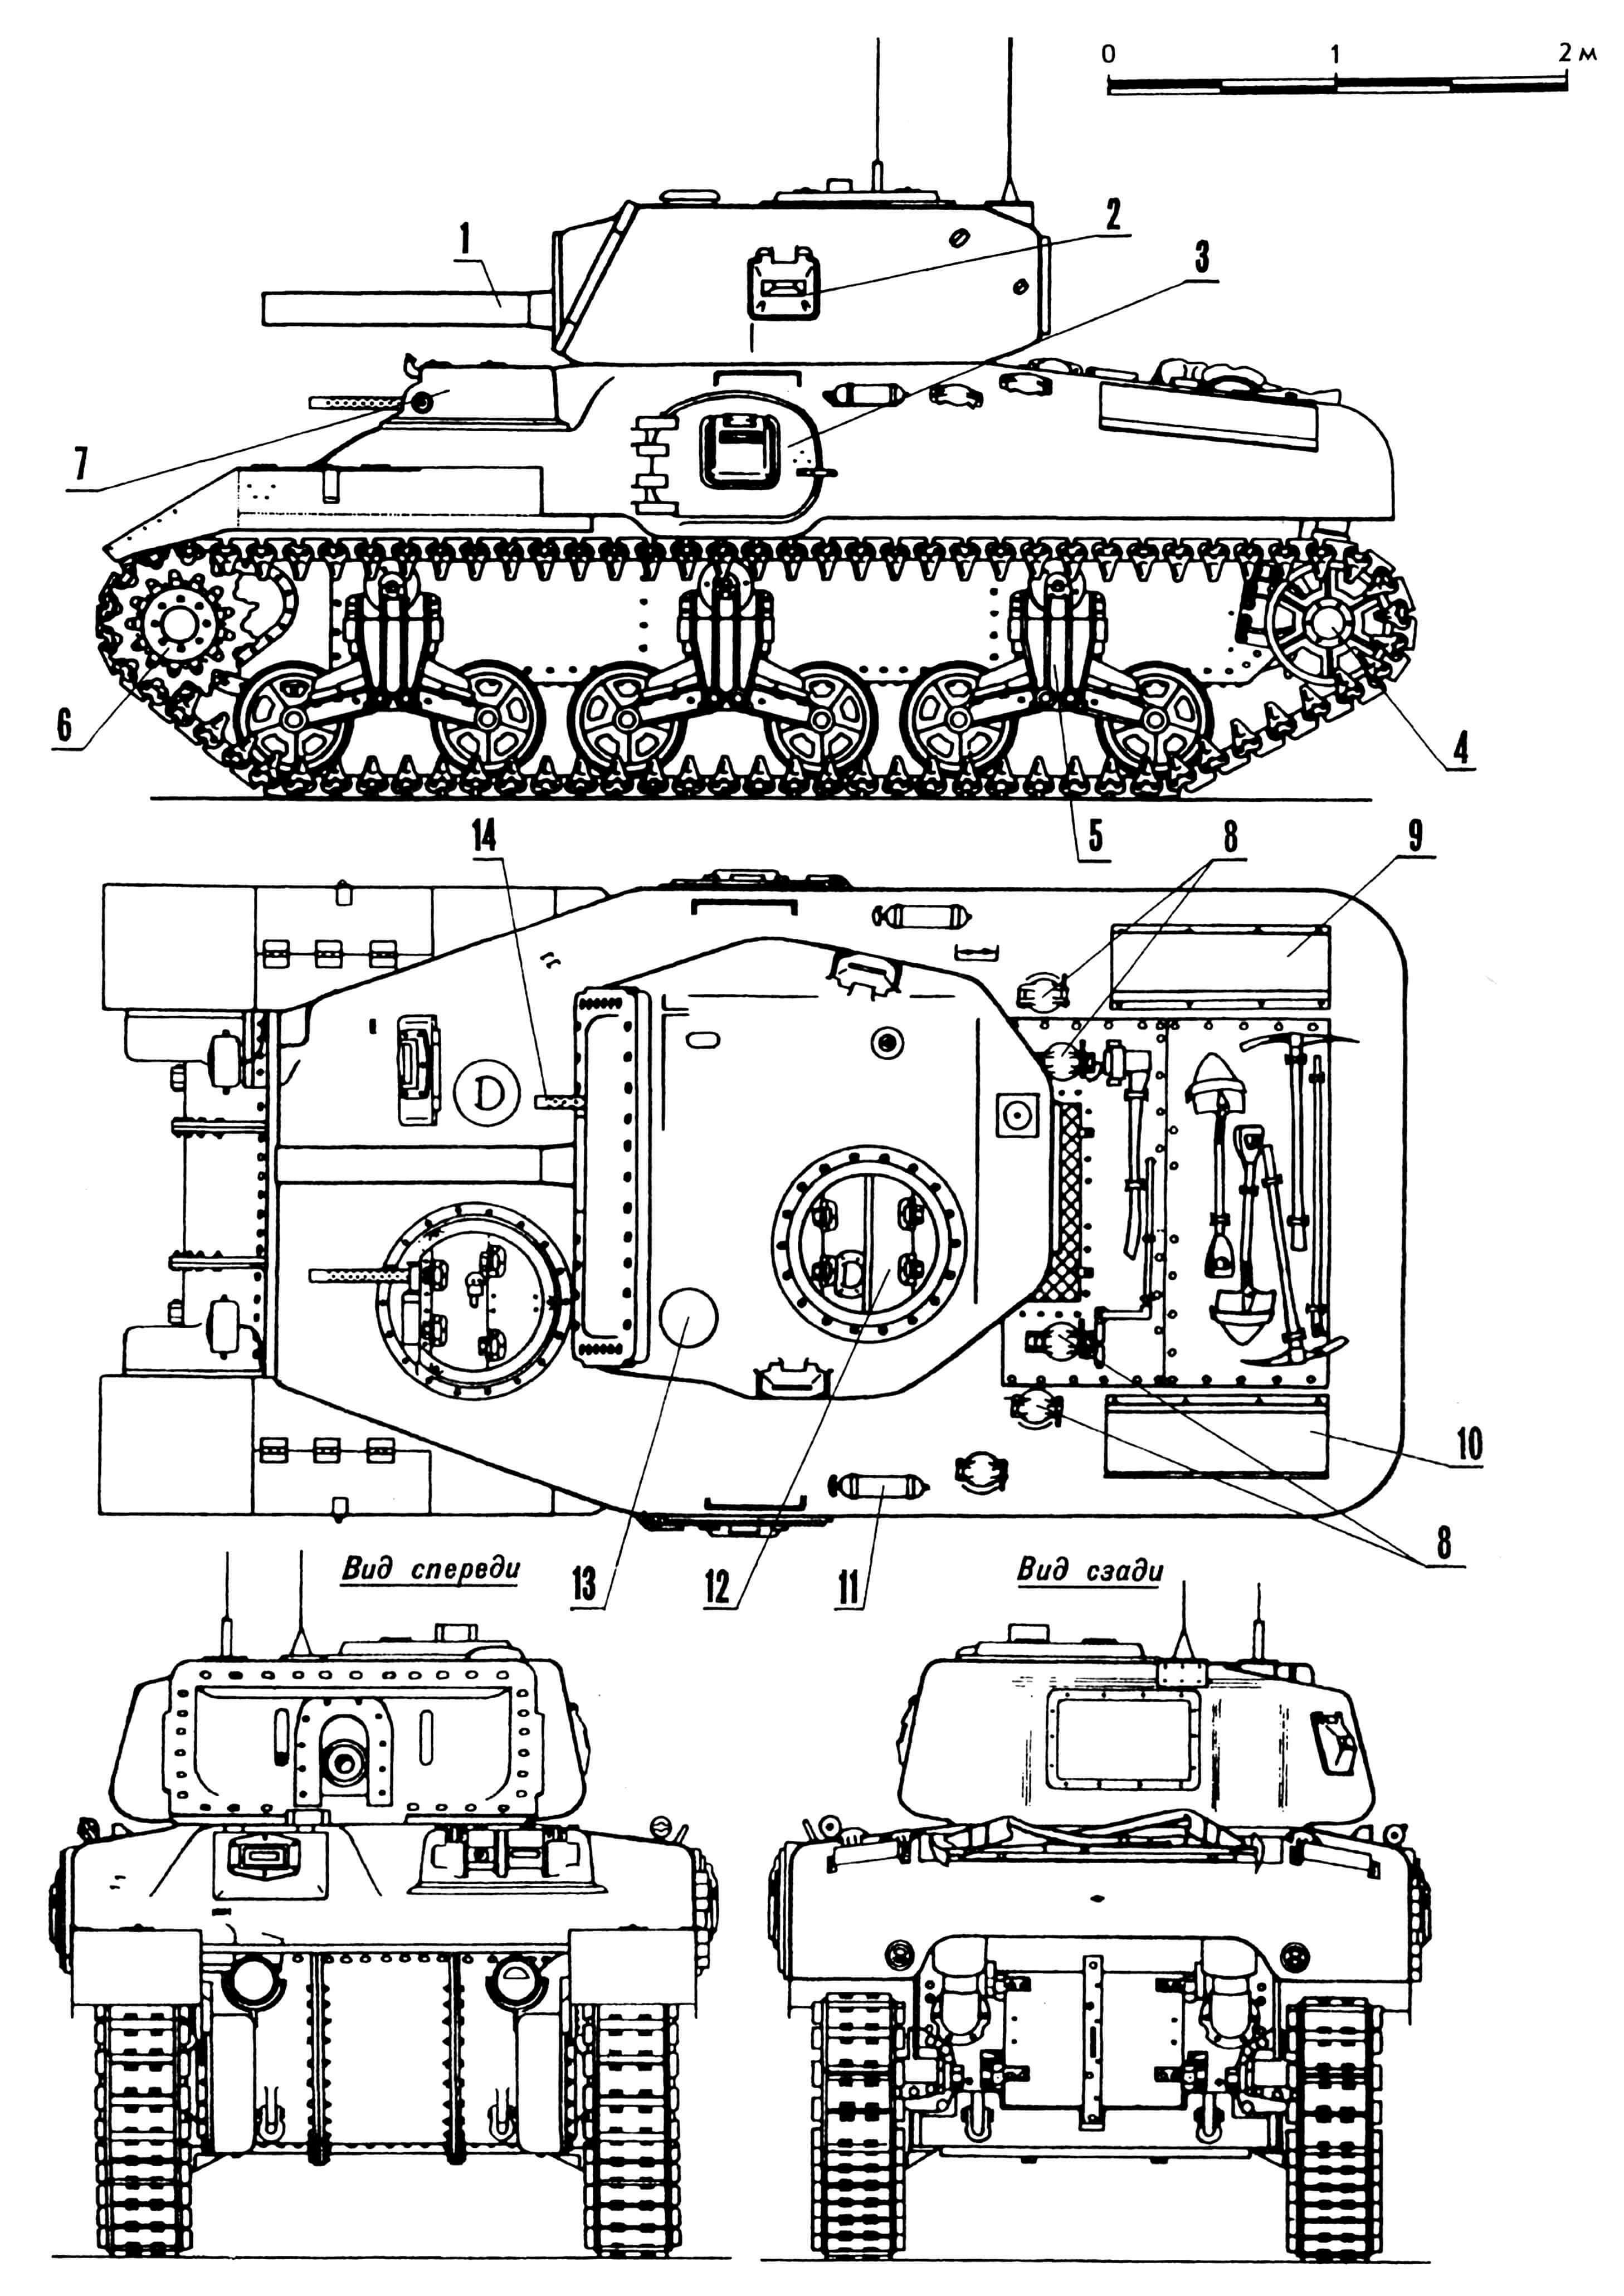 Крейсерский танк RAM II: 1 — пушка 6-фунтовая; 2 — лючок для стрельбы из личного оружия; 3 — дверь для посадки экипажа; 4 — ленивец; 5 — тележка подвески; 6 — колесо ведущее; 7 — башенка пулеметная; 8 — лючки заливных горловин топливных баков; 9 — место укладки укрывочного брезента; 10 — место укладки маскировочной сетки; 11 — огнетушитель; 12 — люк командира; 13 — колпак вентилятора; 14 — пулемет Browning М1919А4, спаренный.